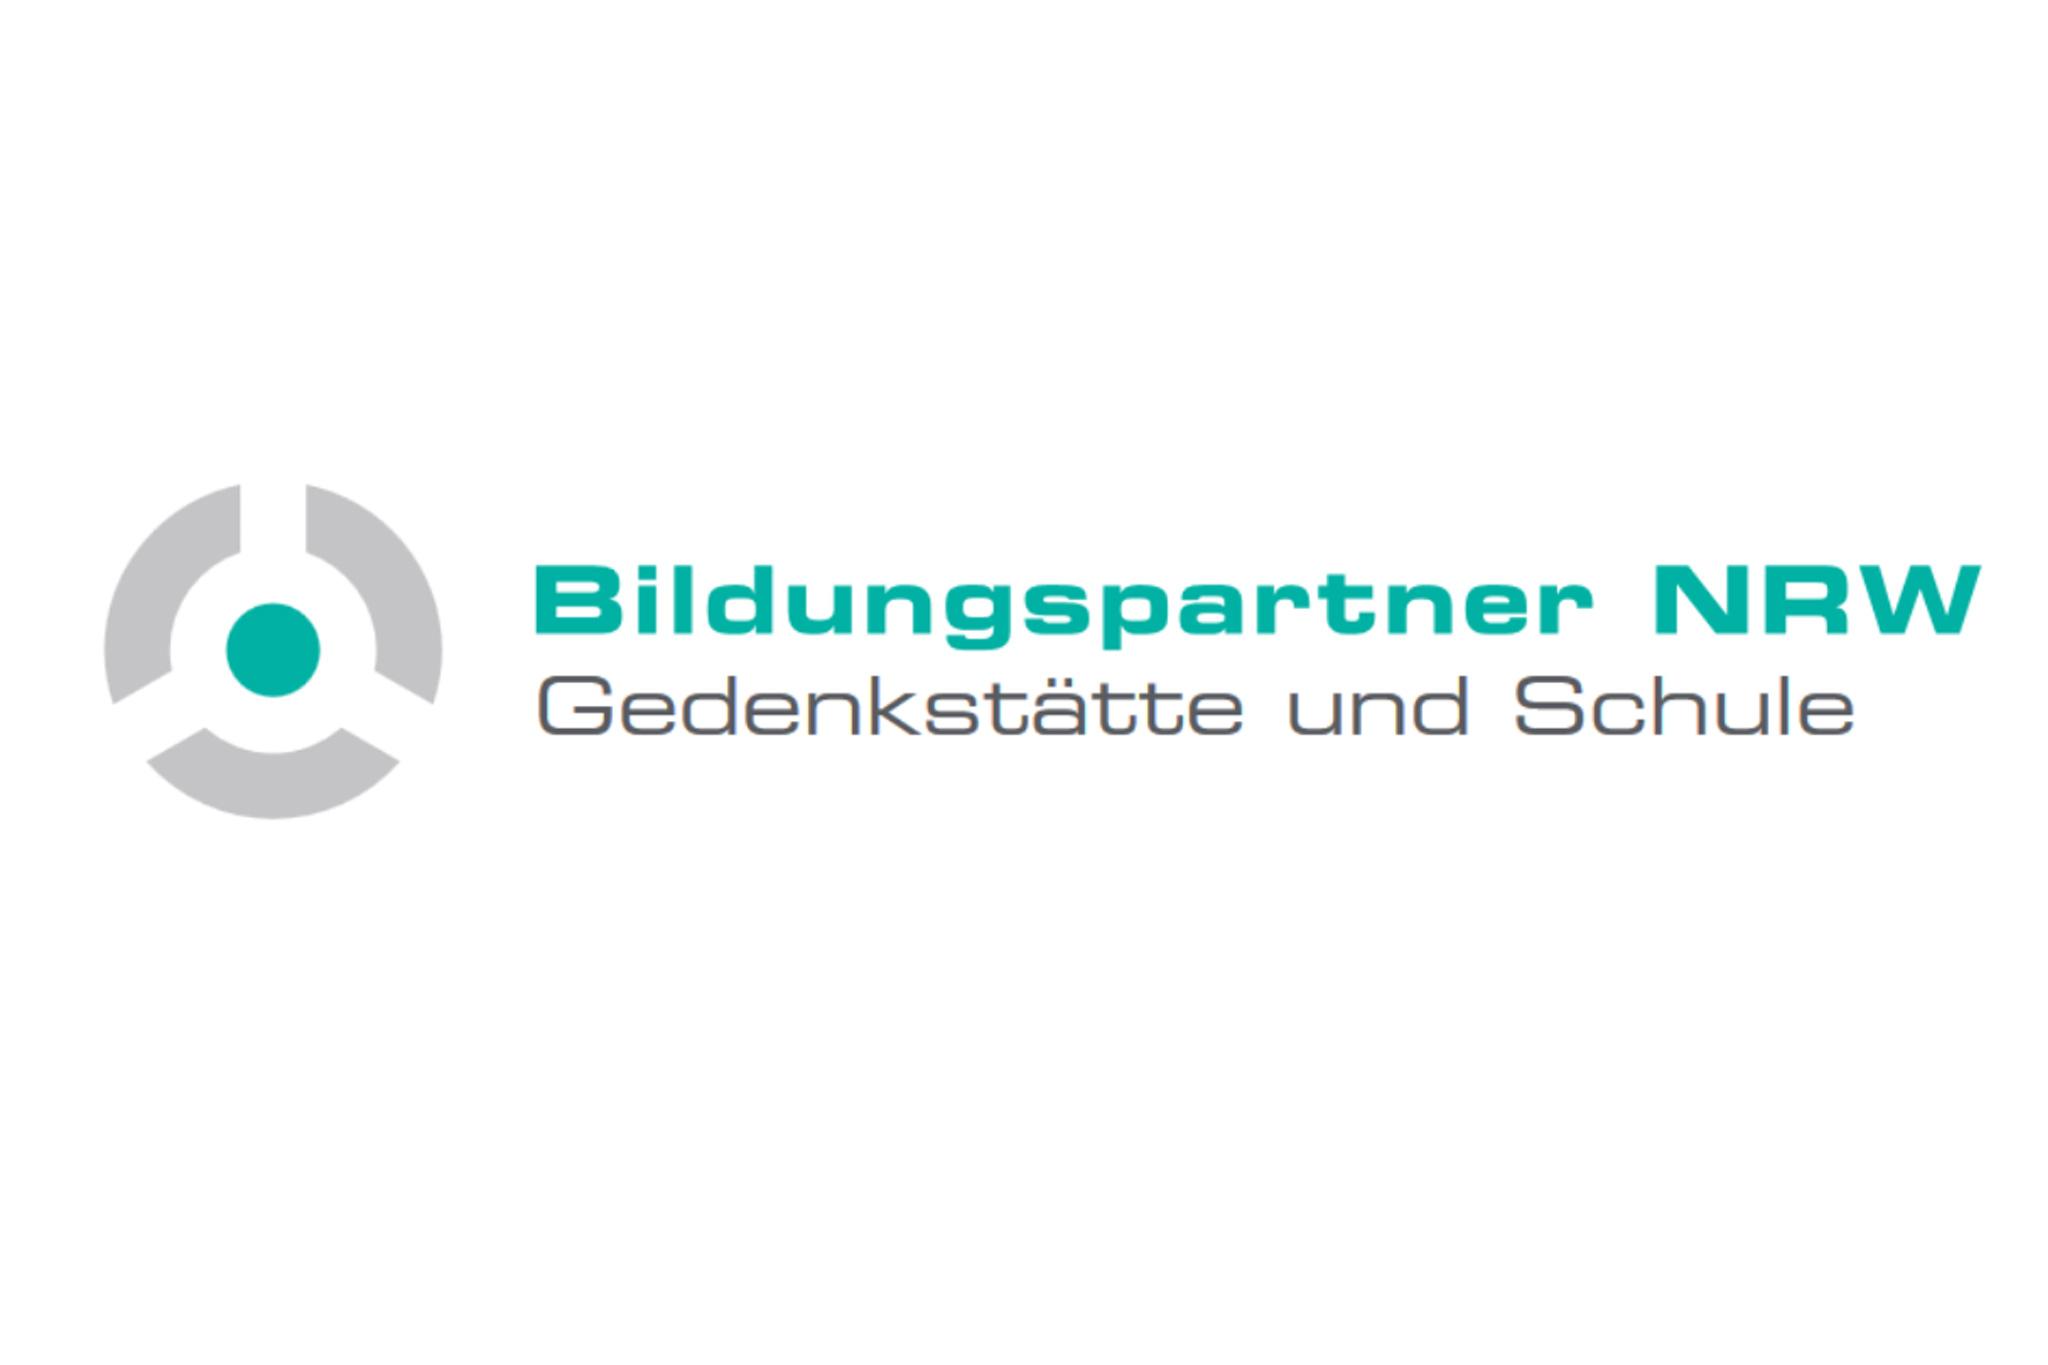 Logo Gedenkstaette und Schule